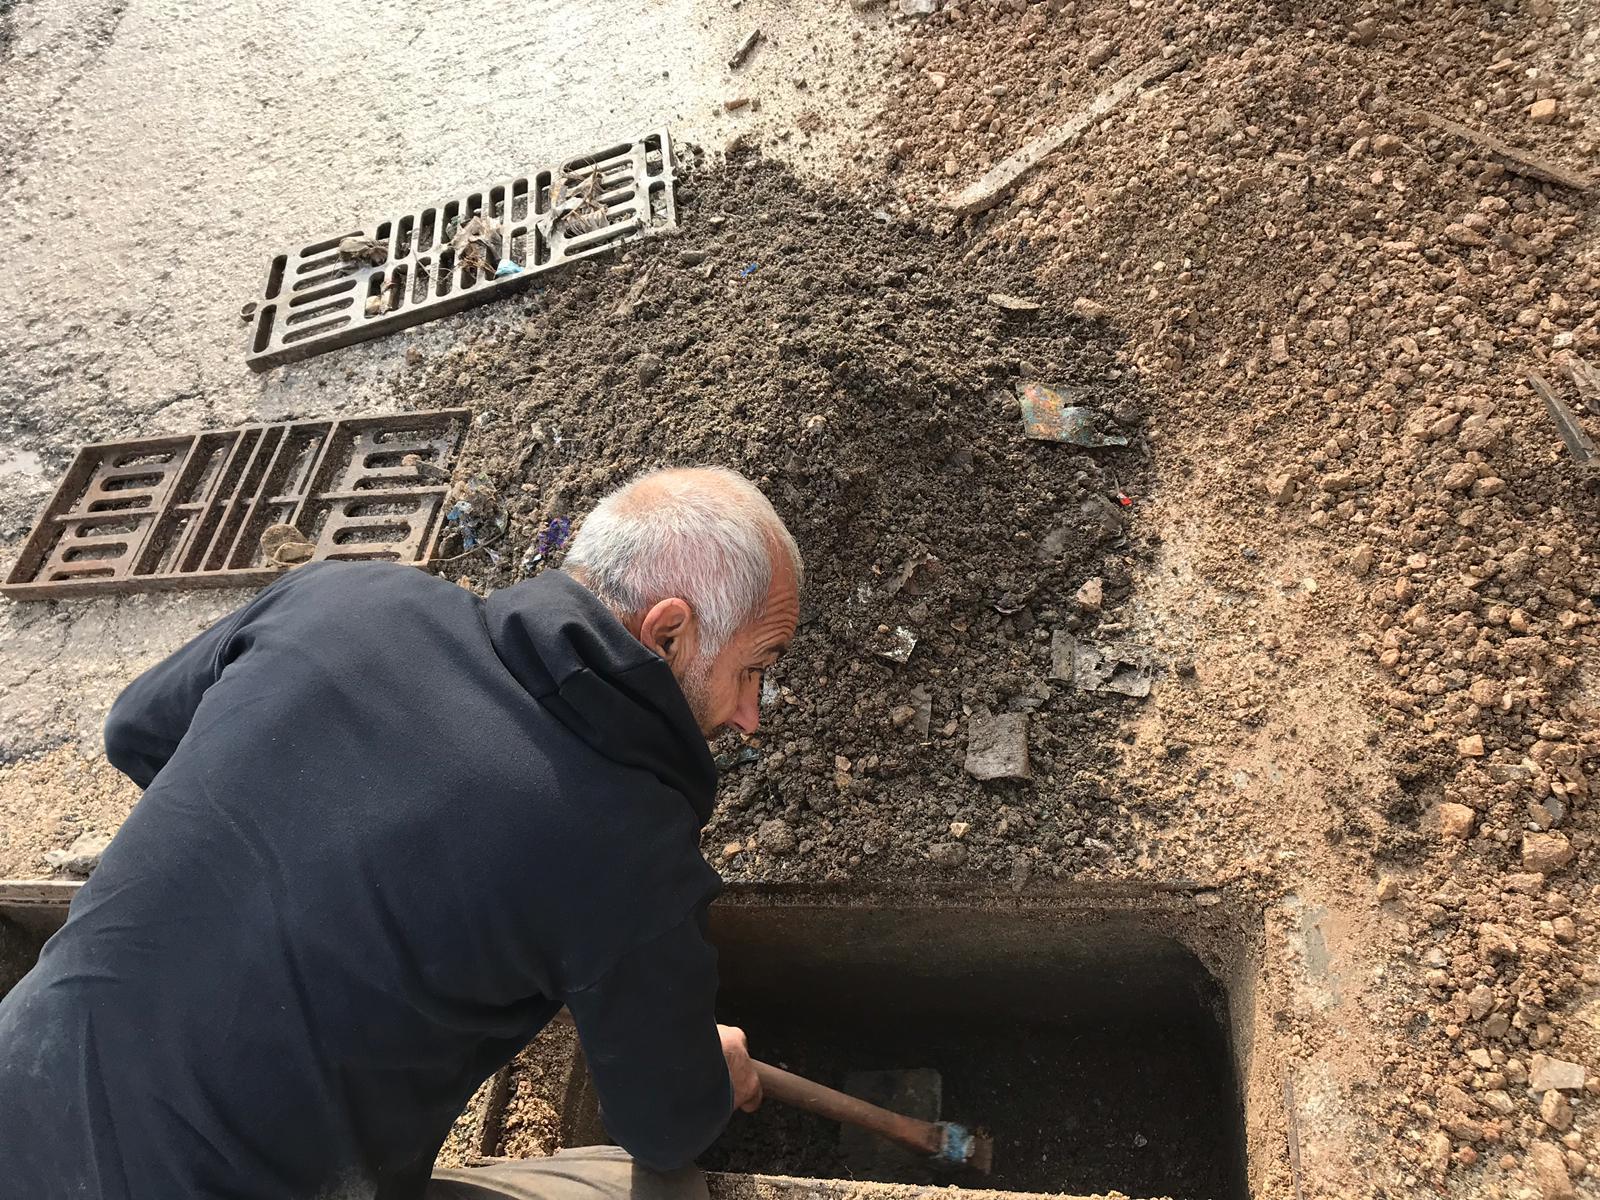 المجلس المحلي طلعة عارة يعمل على تهيئة البنية التحتية في قرى طلعة عارة.